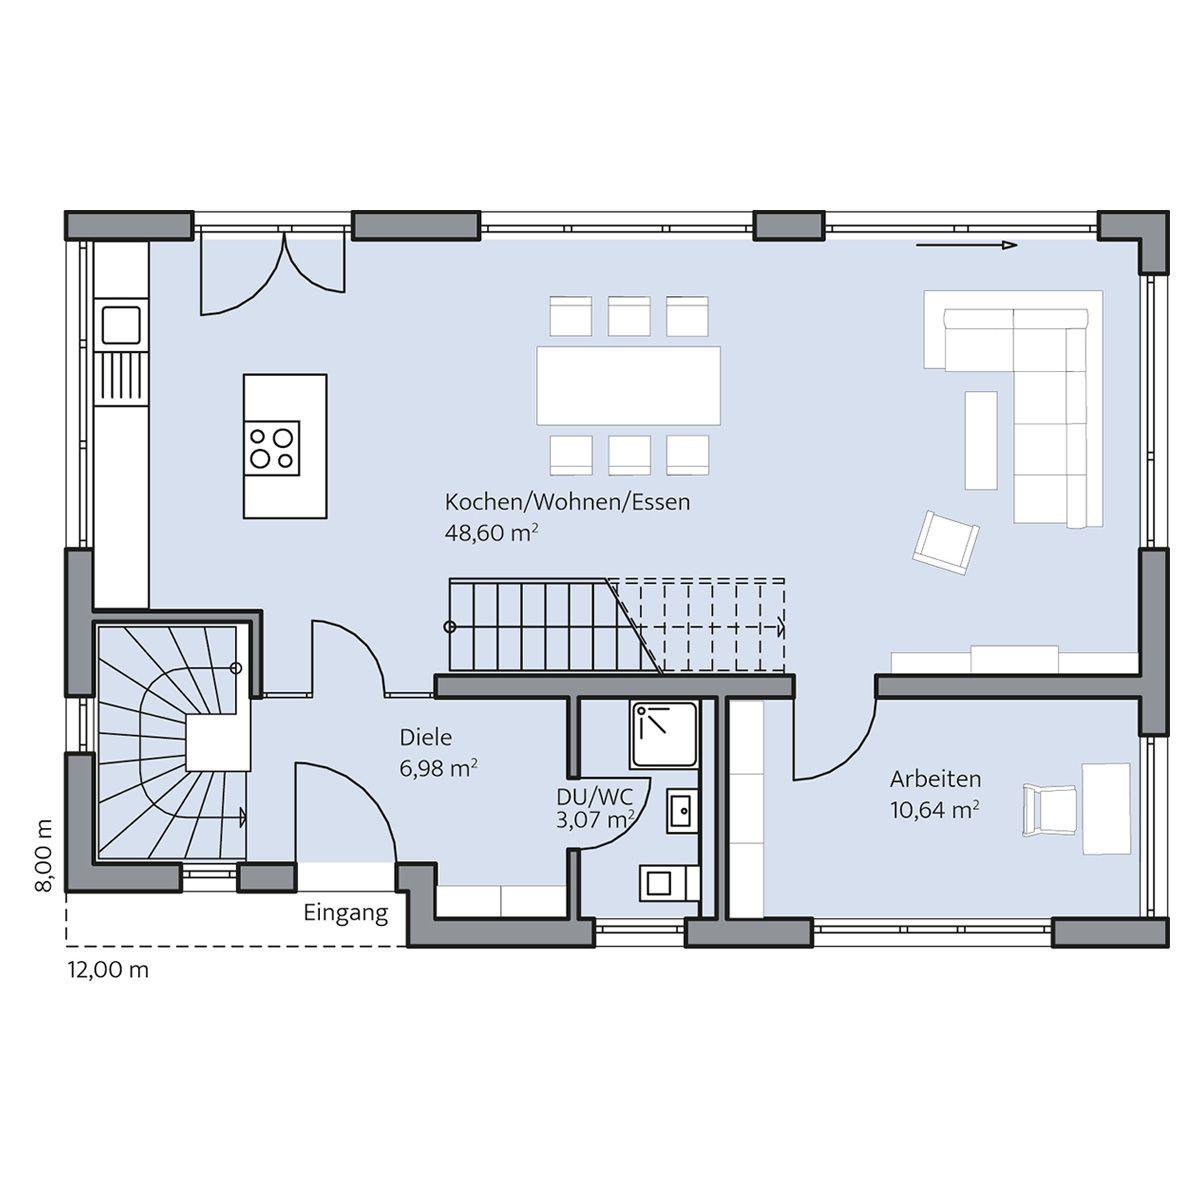 Lifte in Wohnbereichen. Haus grundriss, Haus planung und